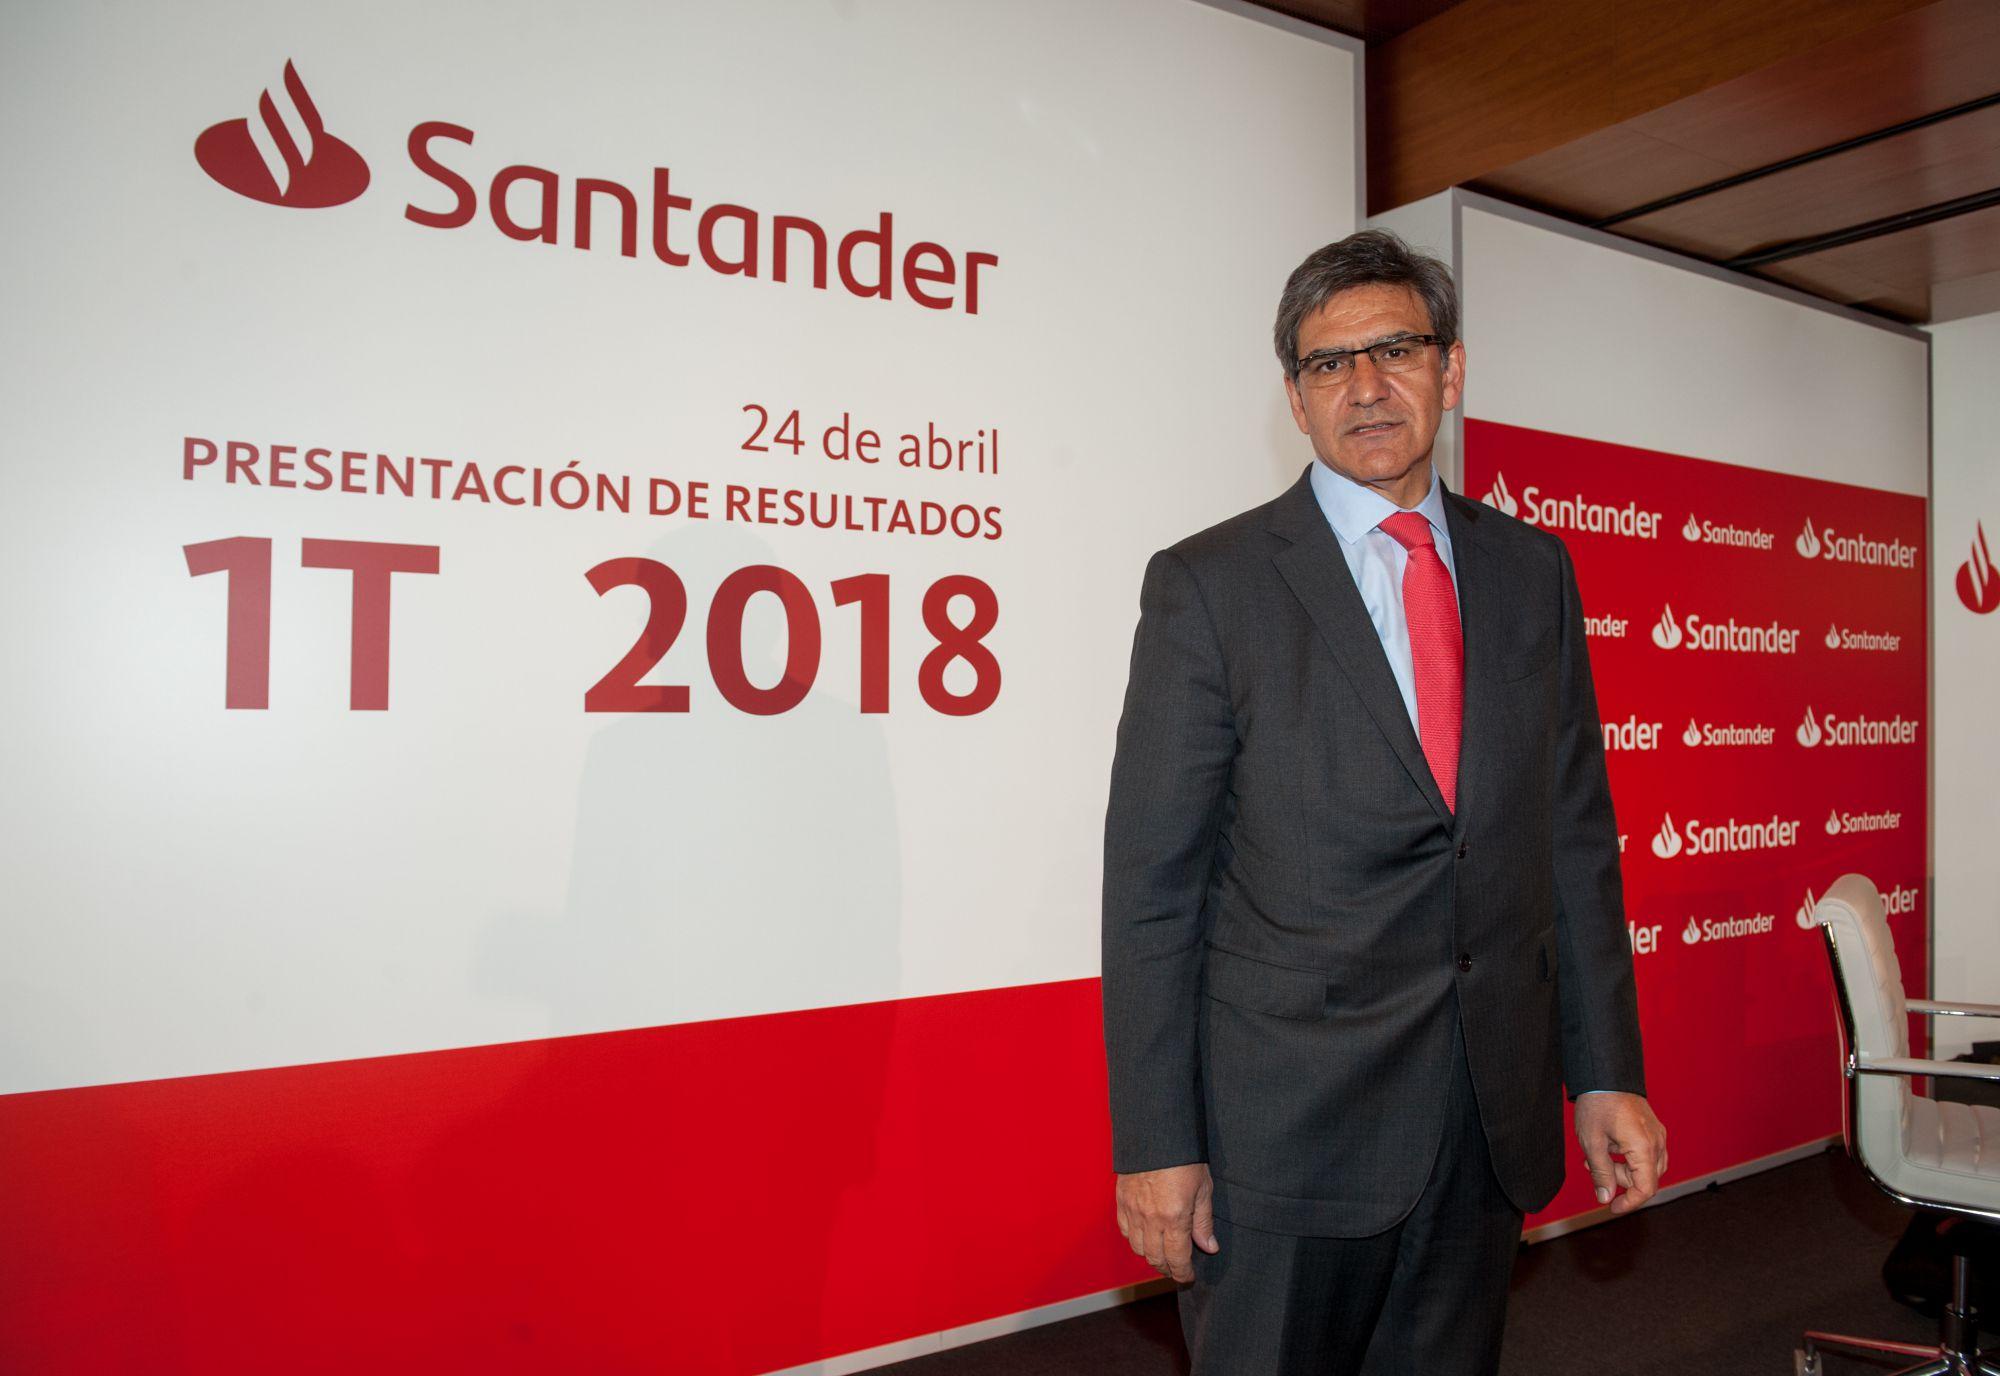 Santander no se altera por las reclamaciones de Luksic y Del Valle / Foto: Santander